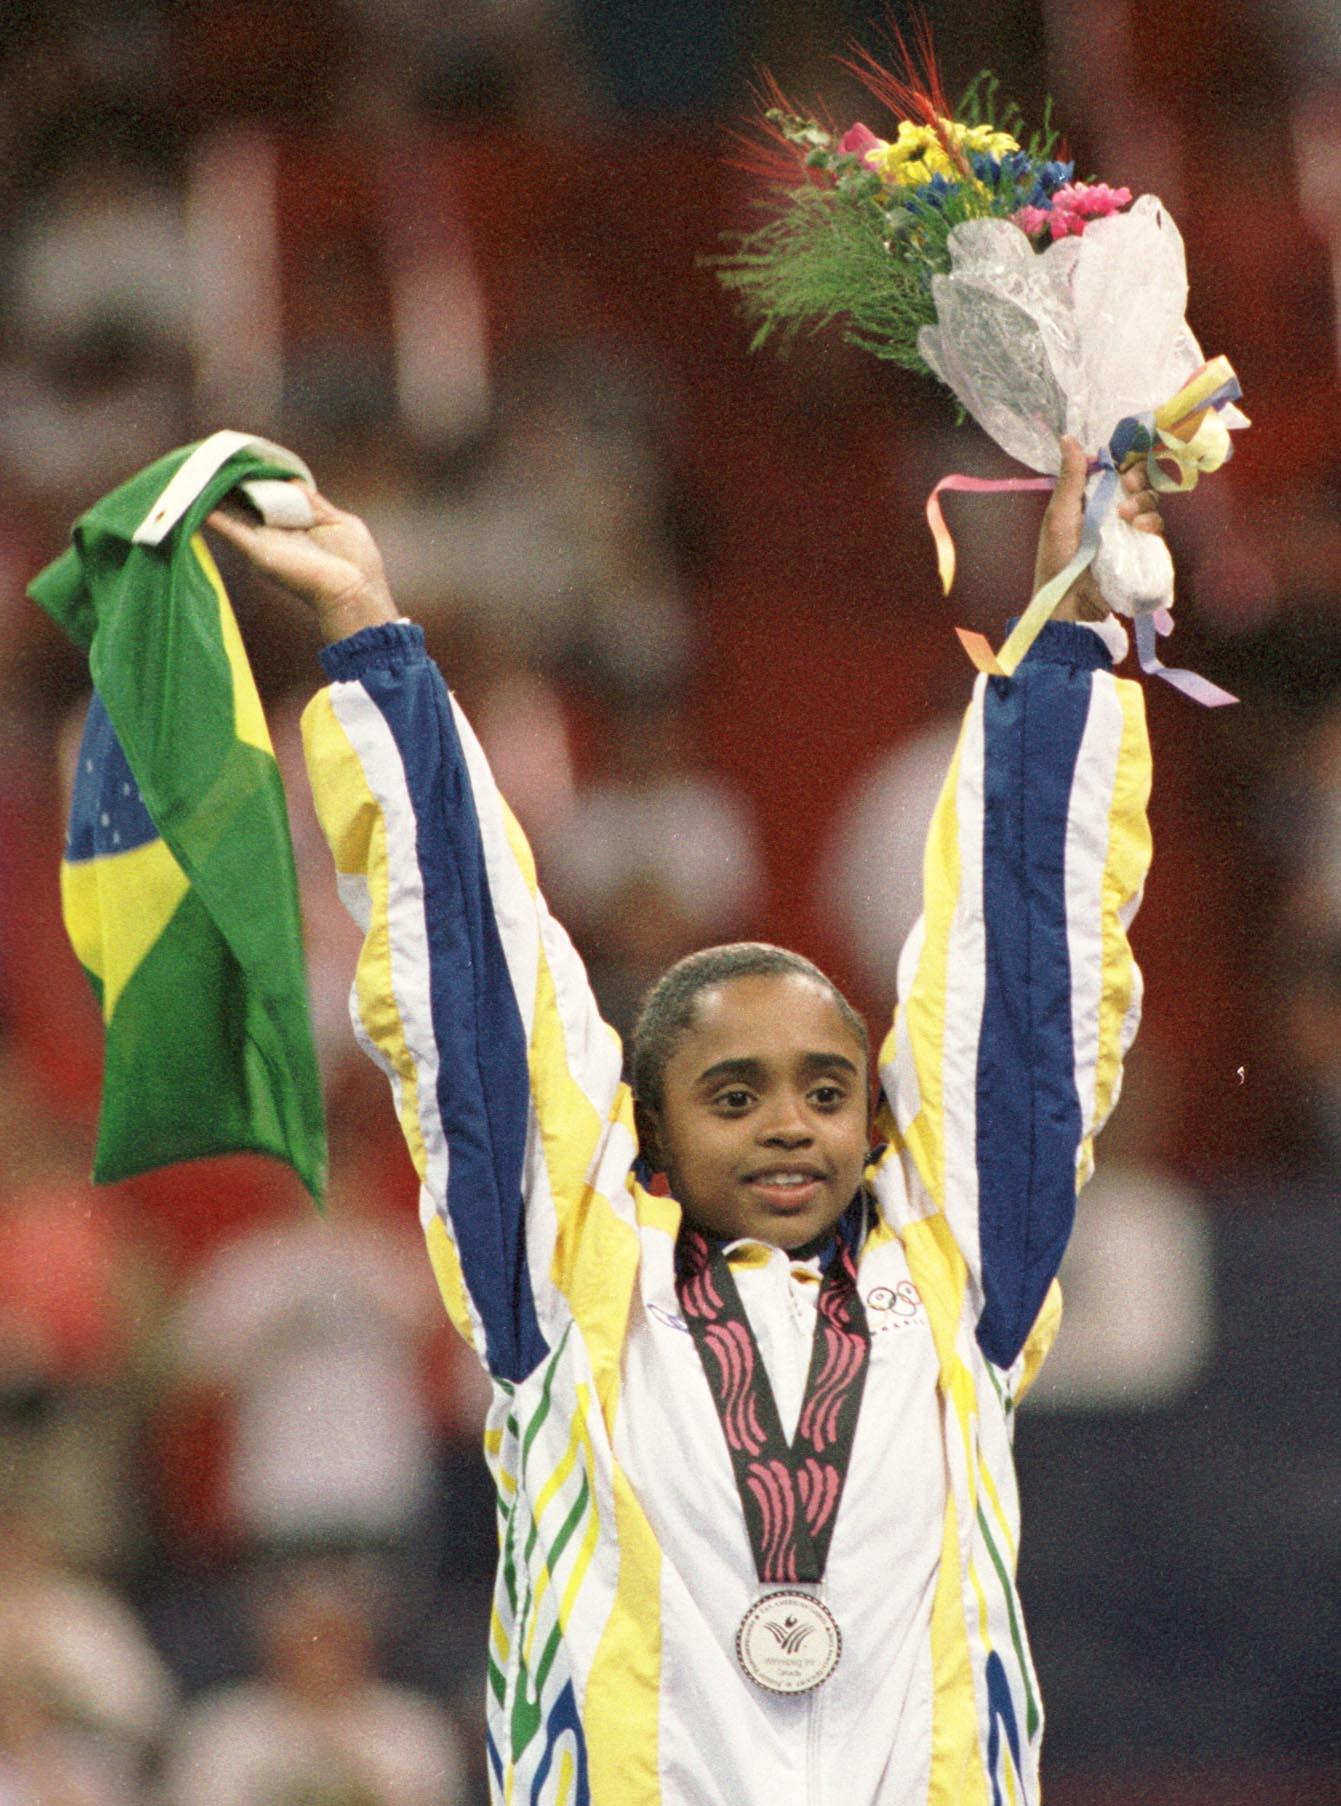 Perfil Atleta do Mês: Daiane dos Santos/vidas negras uma vitoria leva a outra noticias mulheres no esporte mulheres negras decada afro